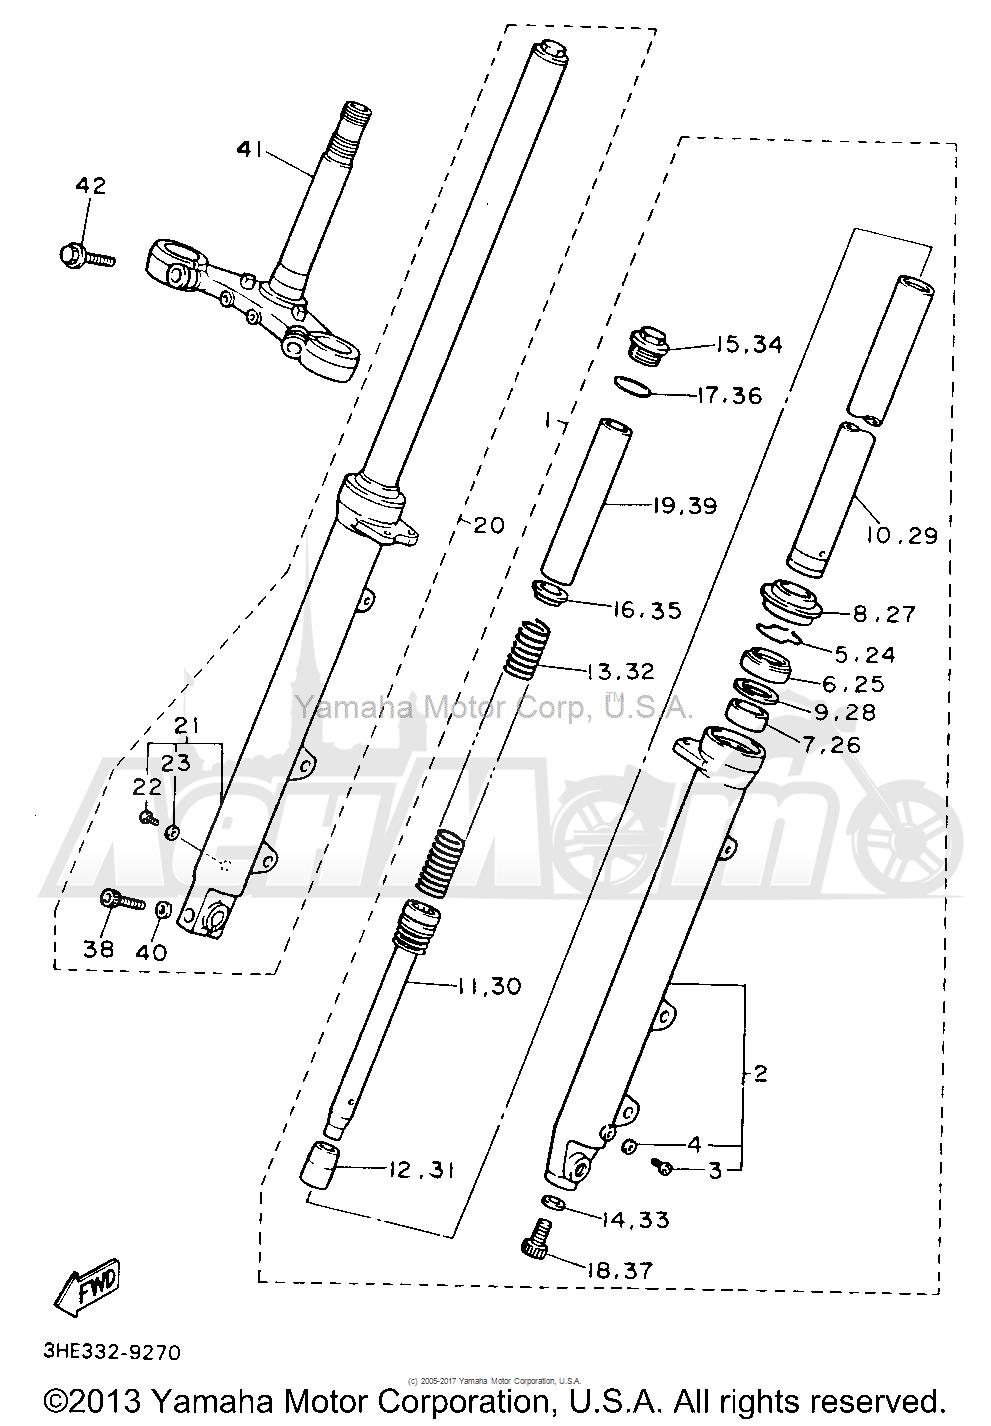 Запчасти для Мотоцикла Yamaha 1991 FZR600RBC Раздел: FRONT FORK | передняя вилка